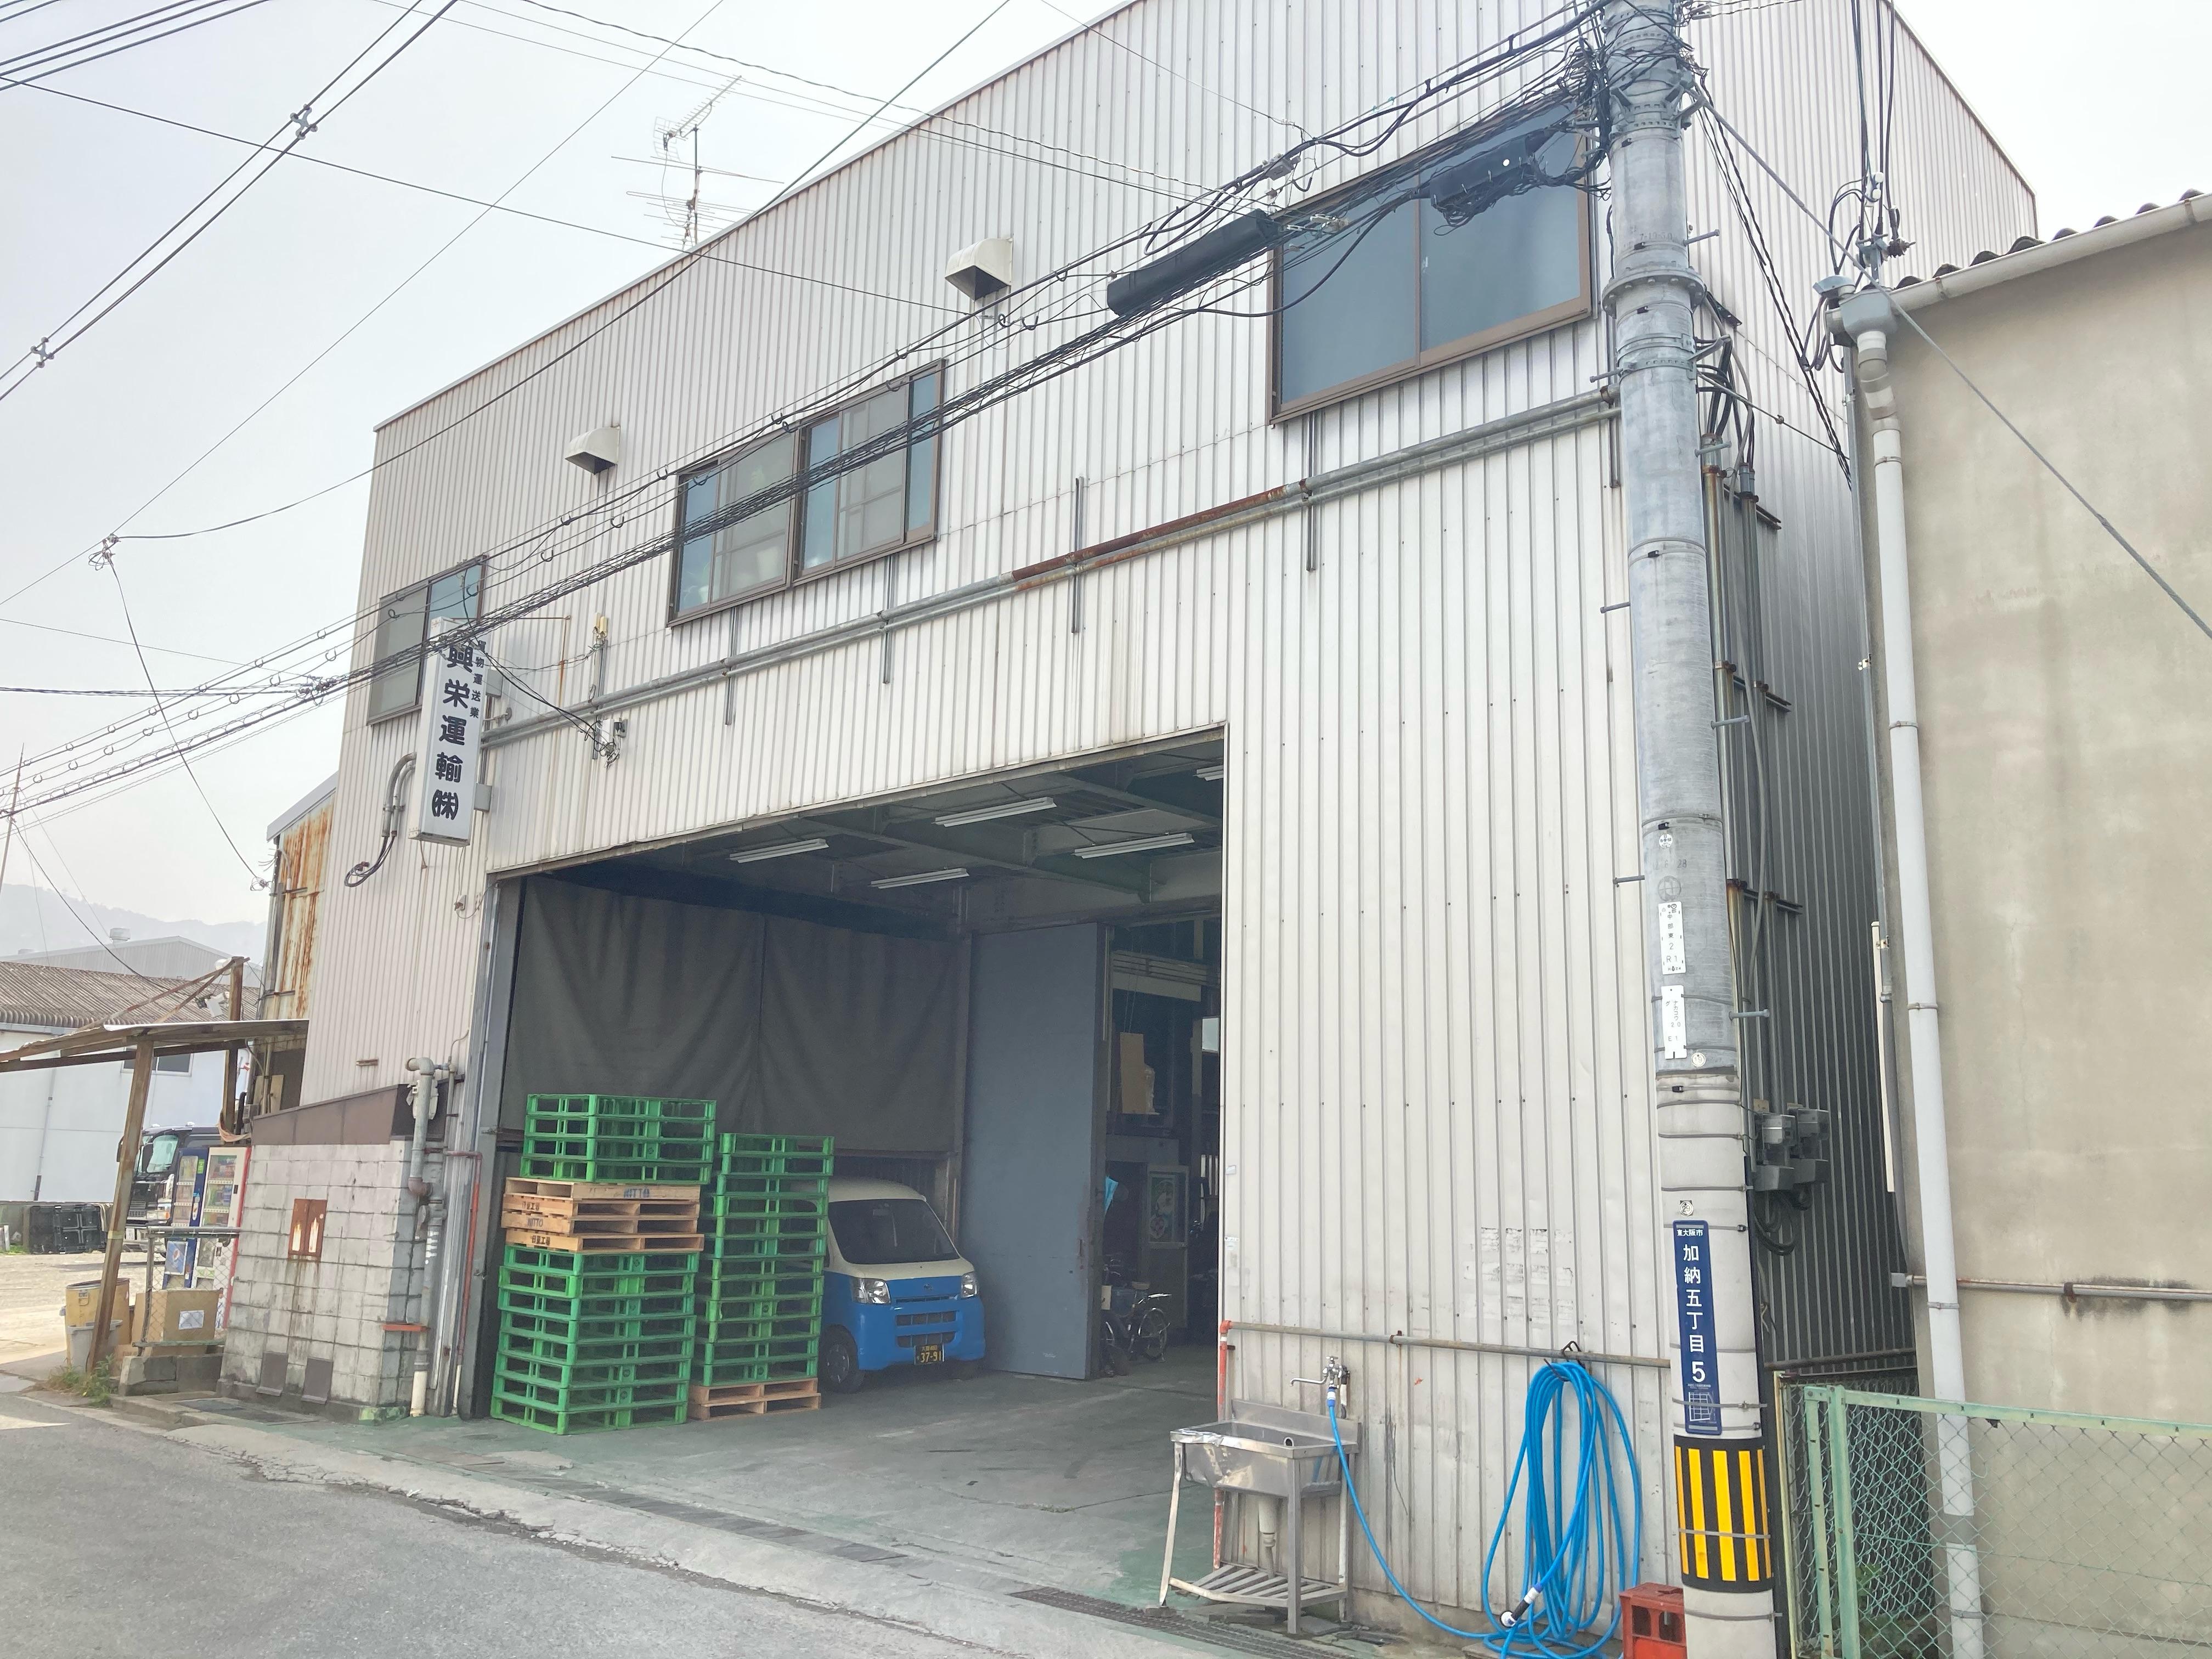 興栄運輸株式会社の倉庫兼事務所の写真画像です。